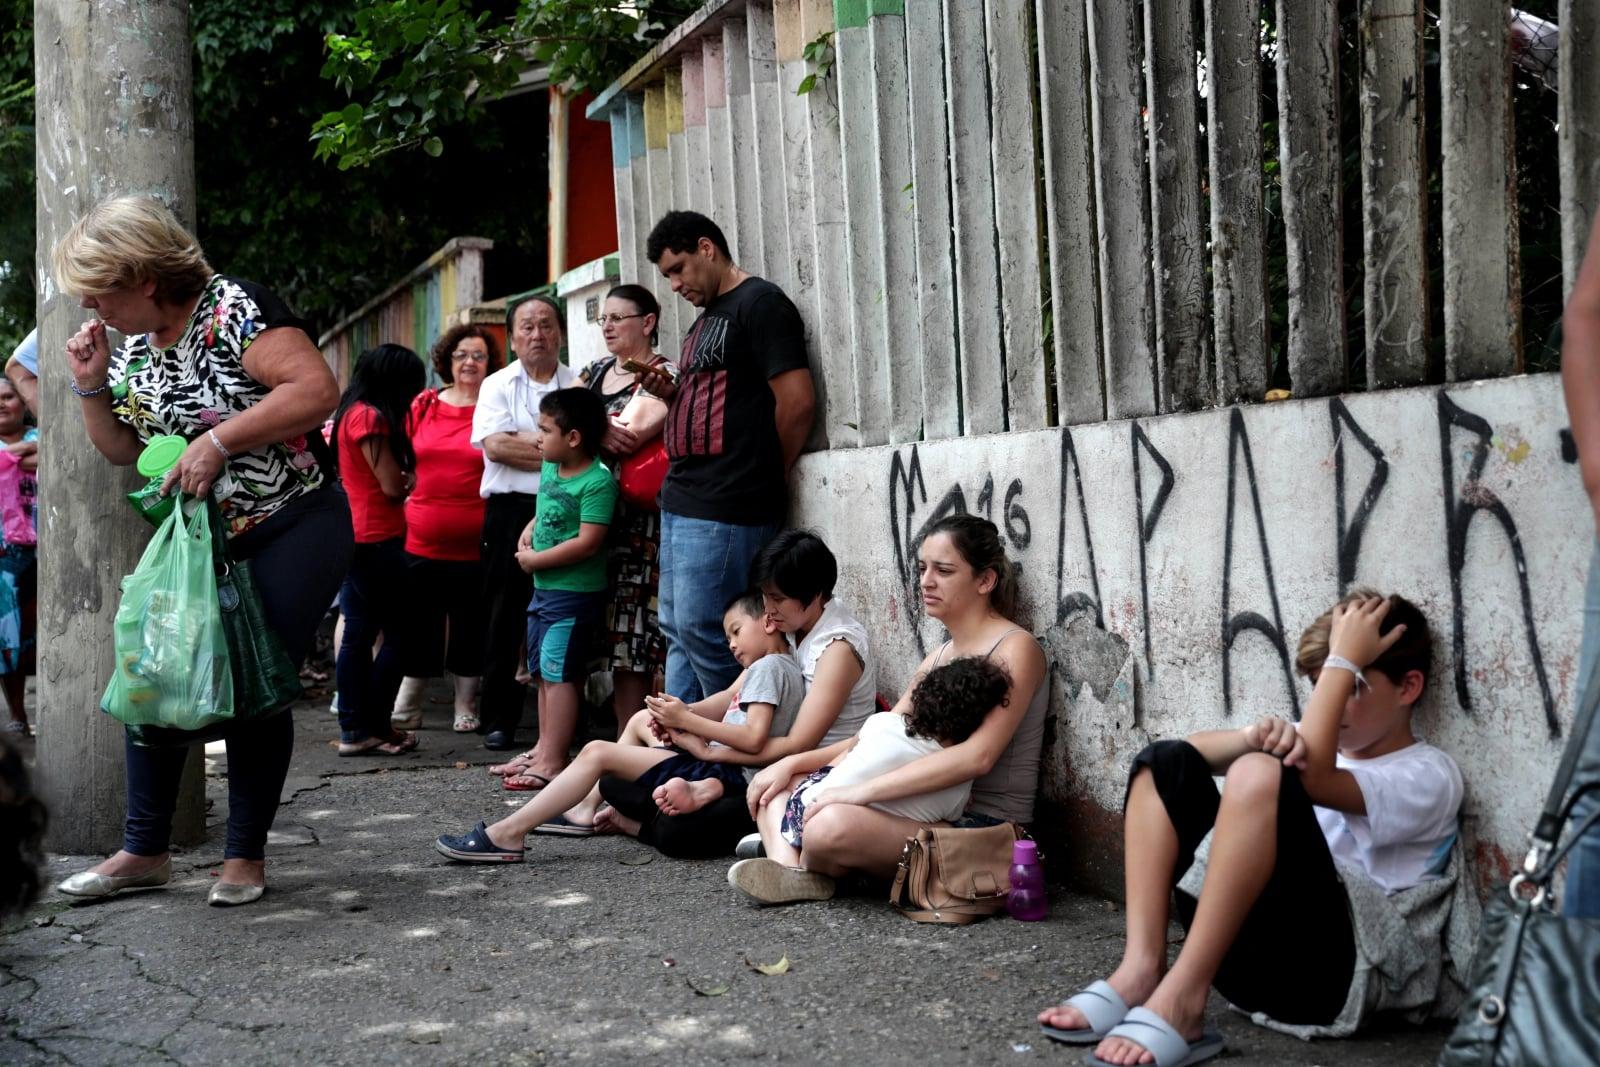 Kolejka po szczepionkę przeciwko żółtej febrze w Sao Paulo, Brazylia, fot. EPA/FERNANDO BIZERRA JR